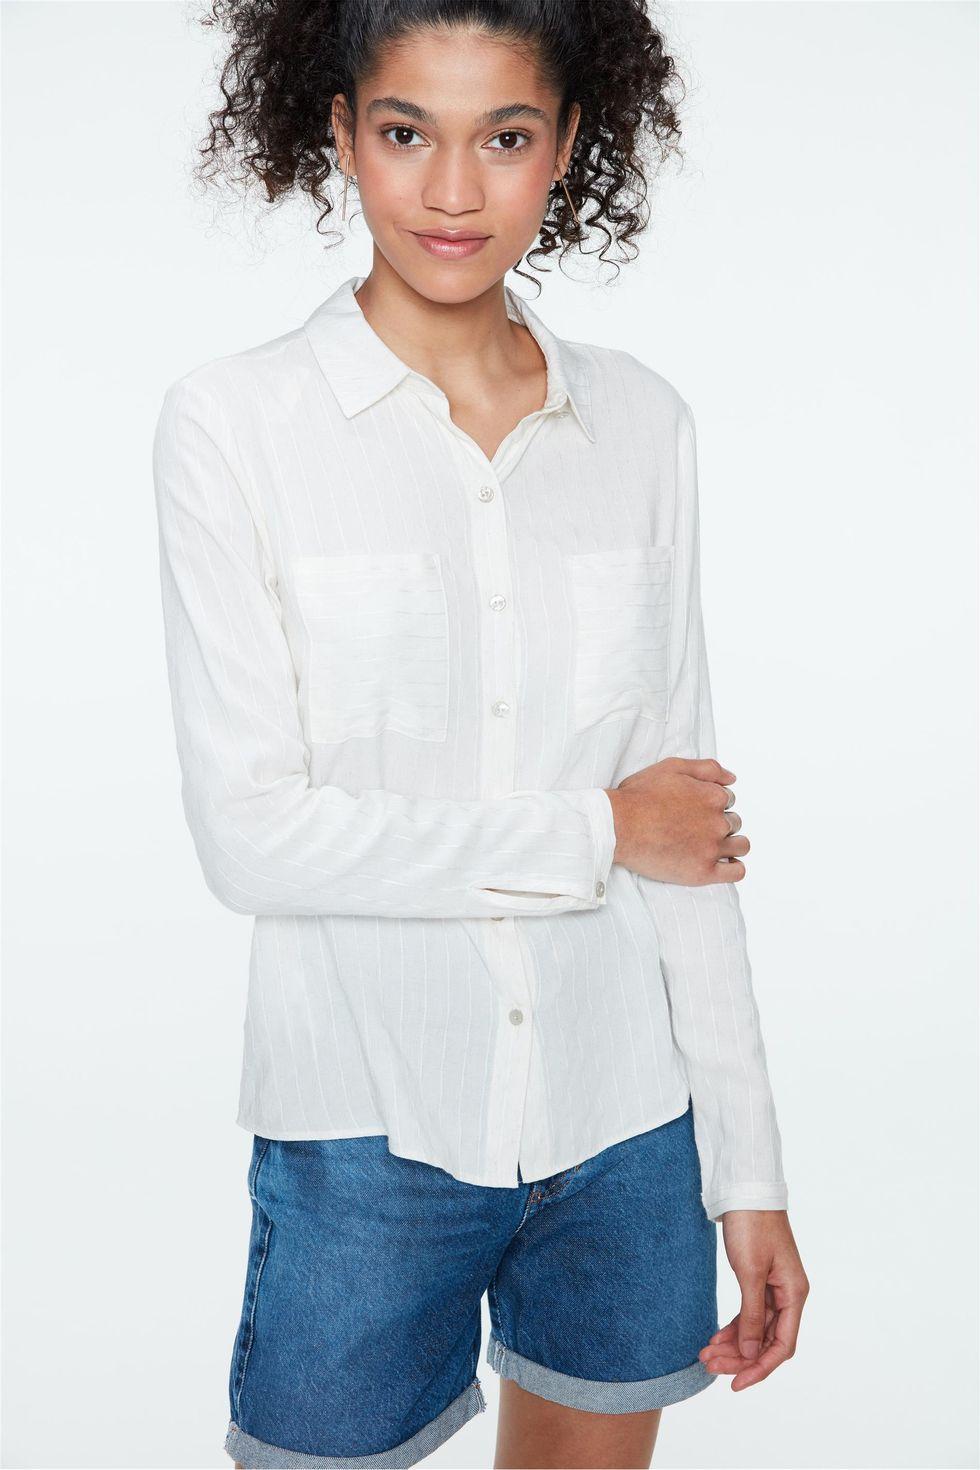 Camisa-Social-de-Listras-Feminina-Frente--